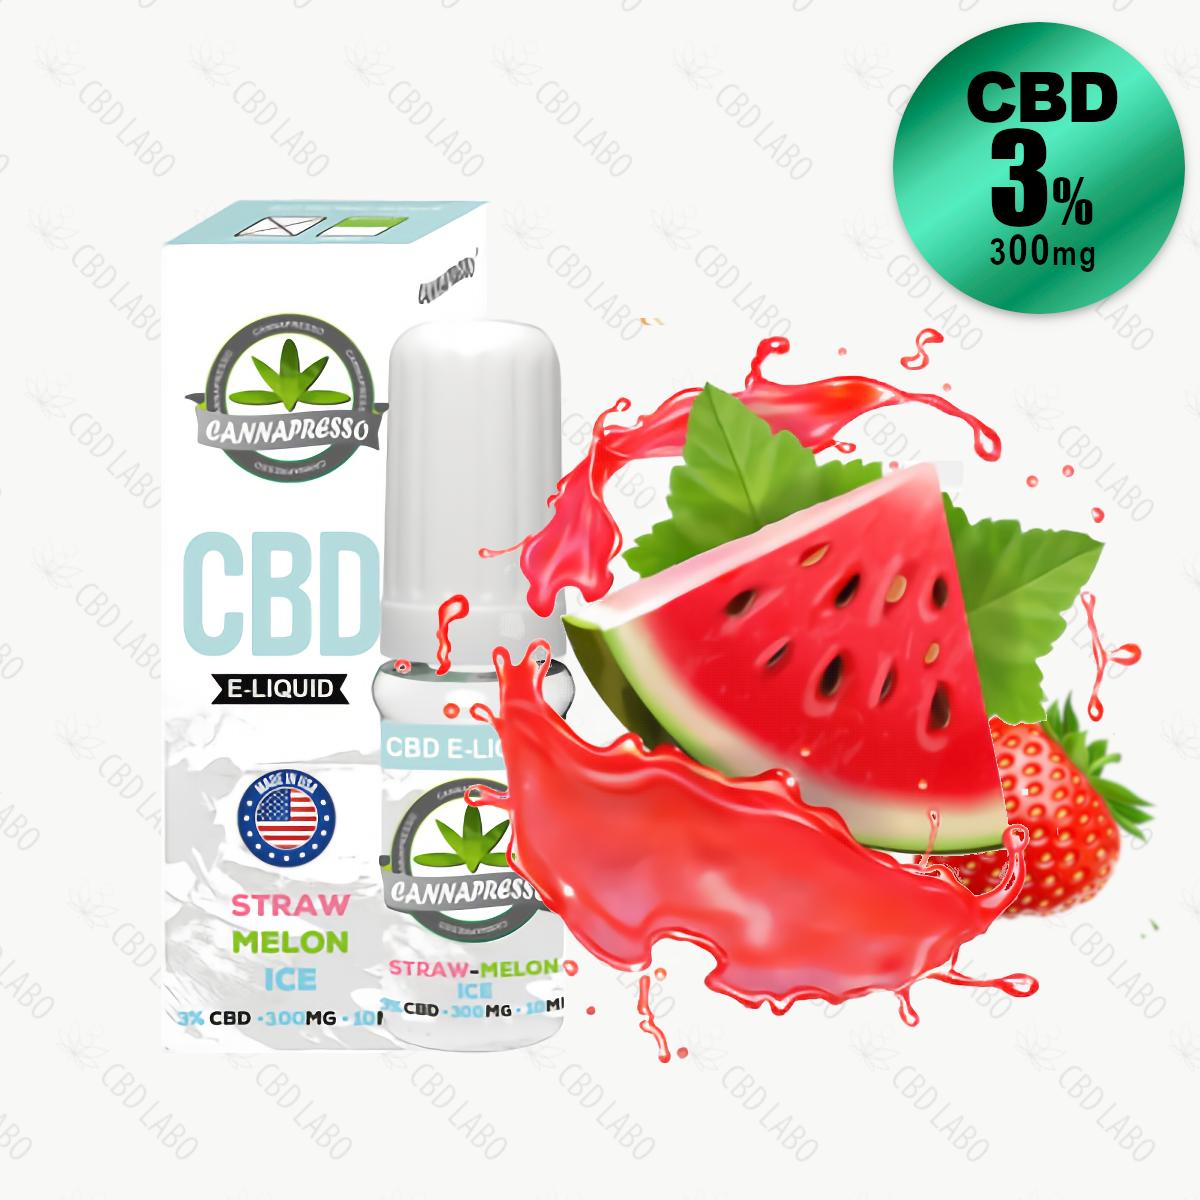 【送料無料】CANNAPRESSO CBDリキッド ストローメロンアイス 10ml CBD含有量300mg (3%)